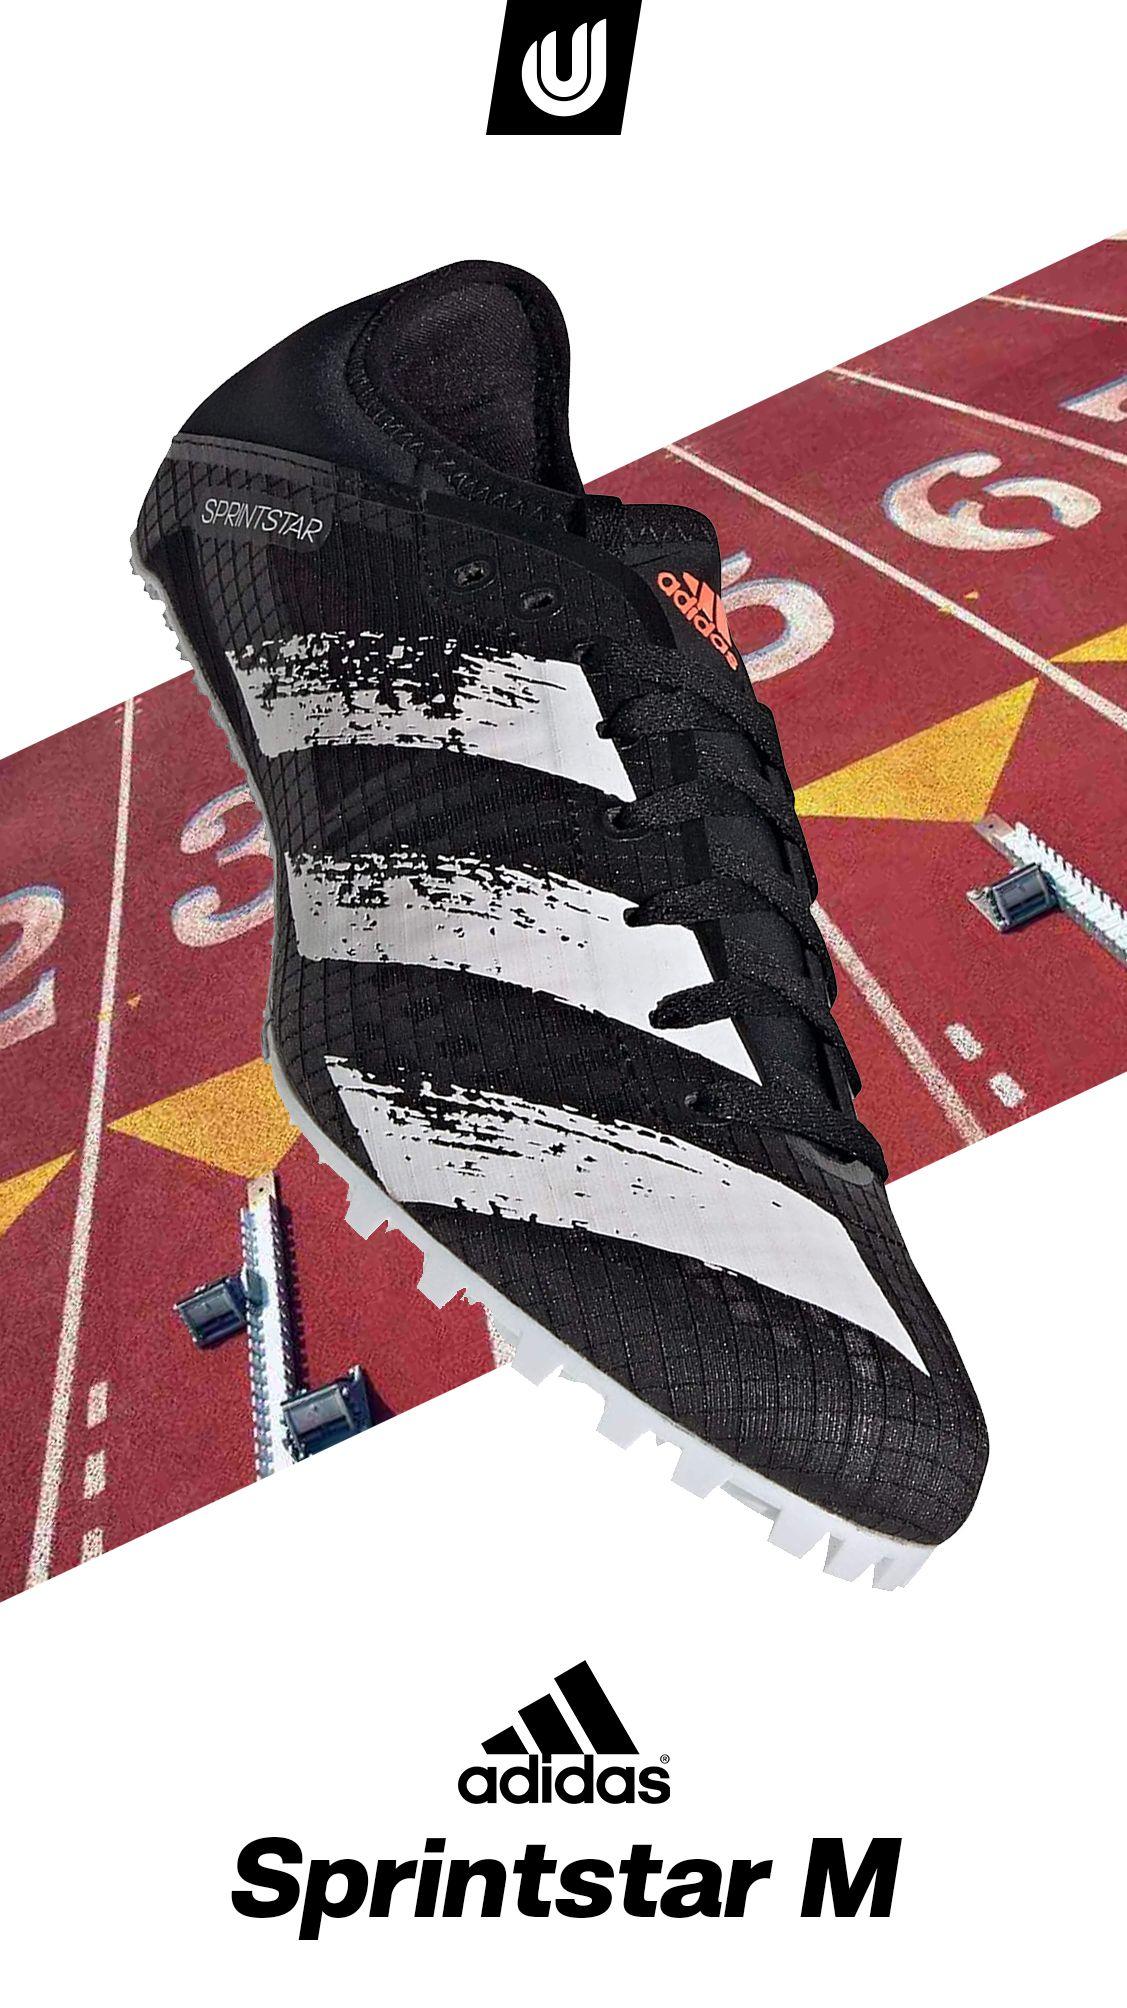 menos comprender Orgullo  adidas Zapatillas de clavos para atletismo Sprintstar M en 2020    Zapatillas de clavos, Adidas, Zapatillas